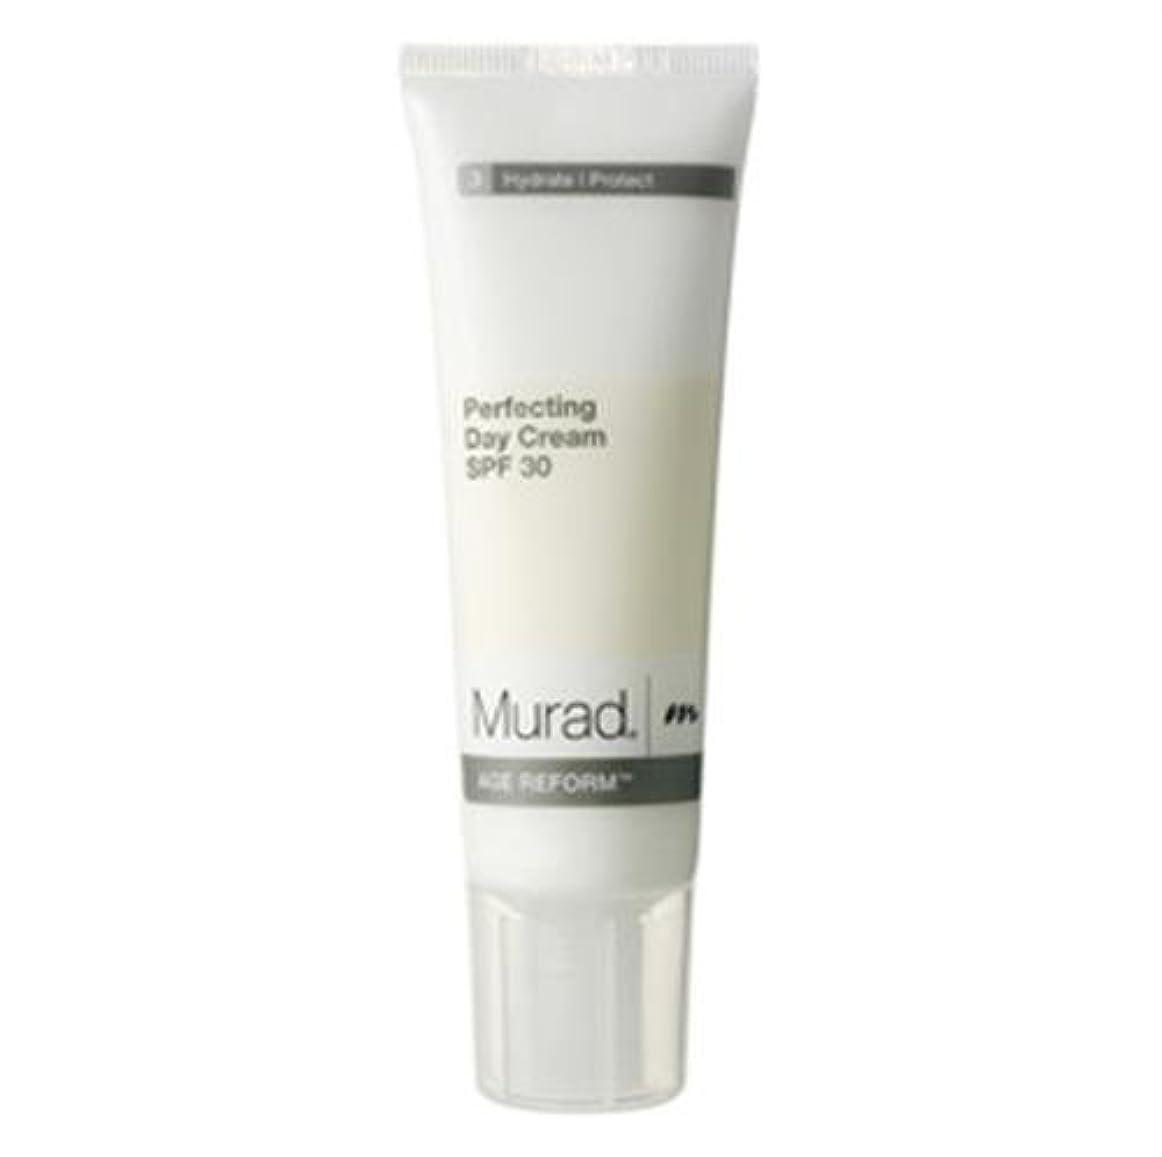 ミュラド Perfecting Day Cream SPF30 - Dry/Sensitive Skin (Exp. Date 03/2020) 50ml/1.7oz並行輸入品